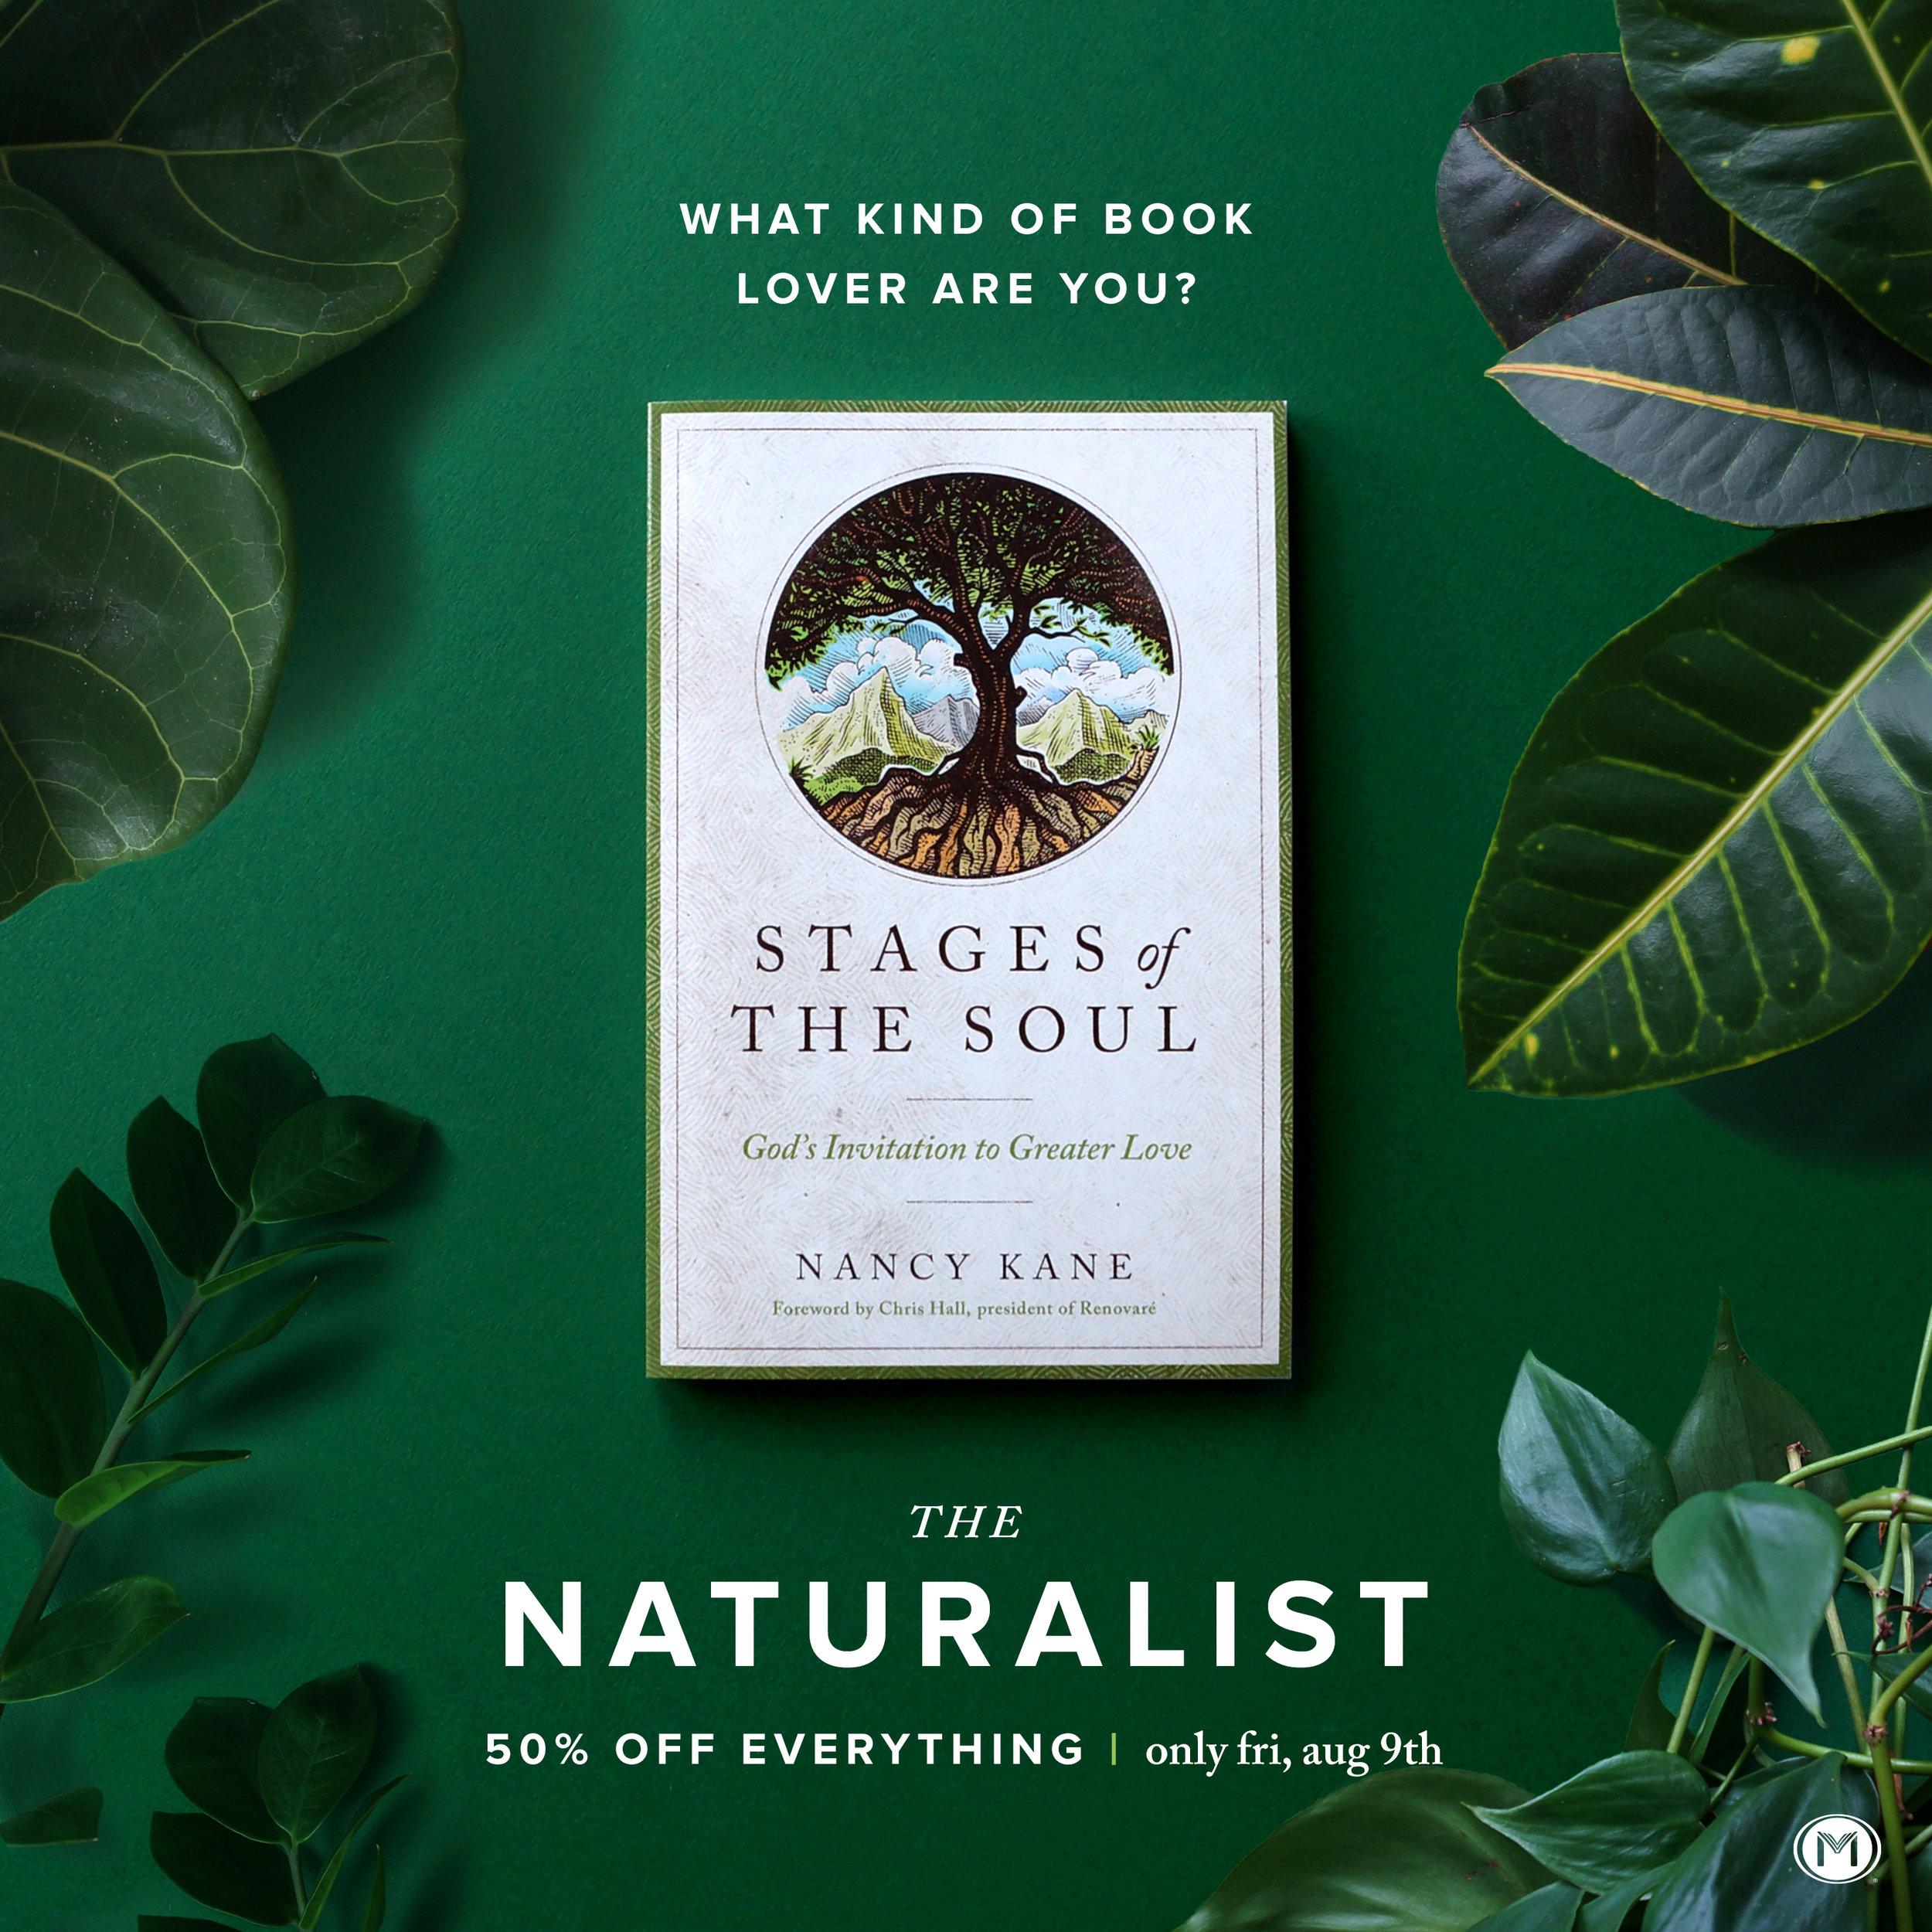 naturalist-text-1.jpg